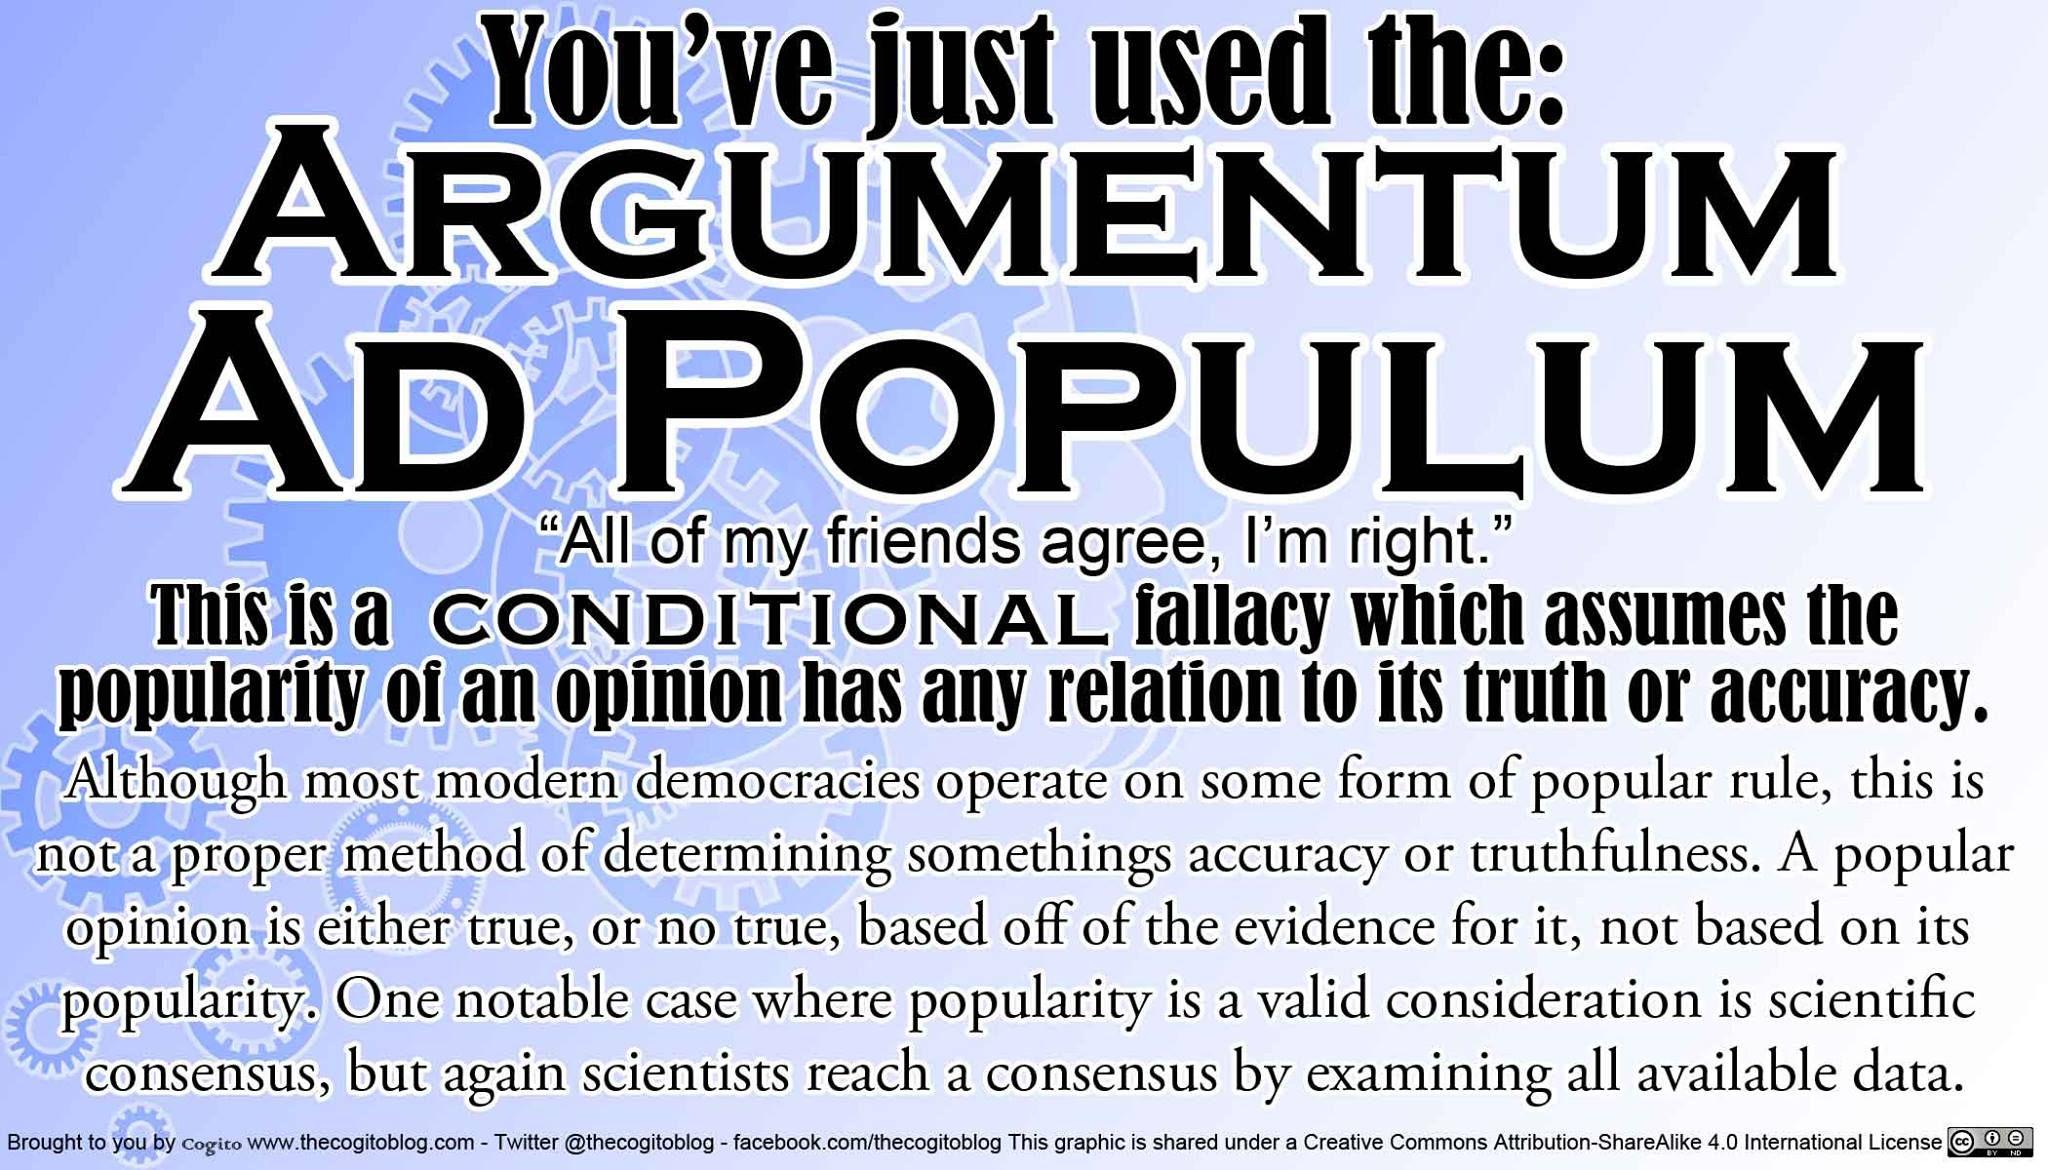 ARGUMENTUM AD POPULUM   Argumentum ad populum, Relatable, Ads